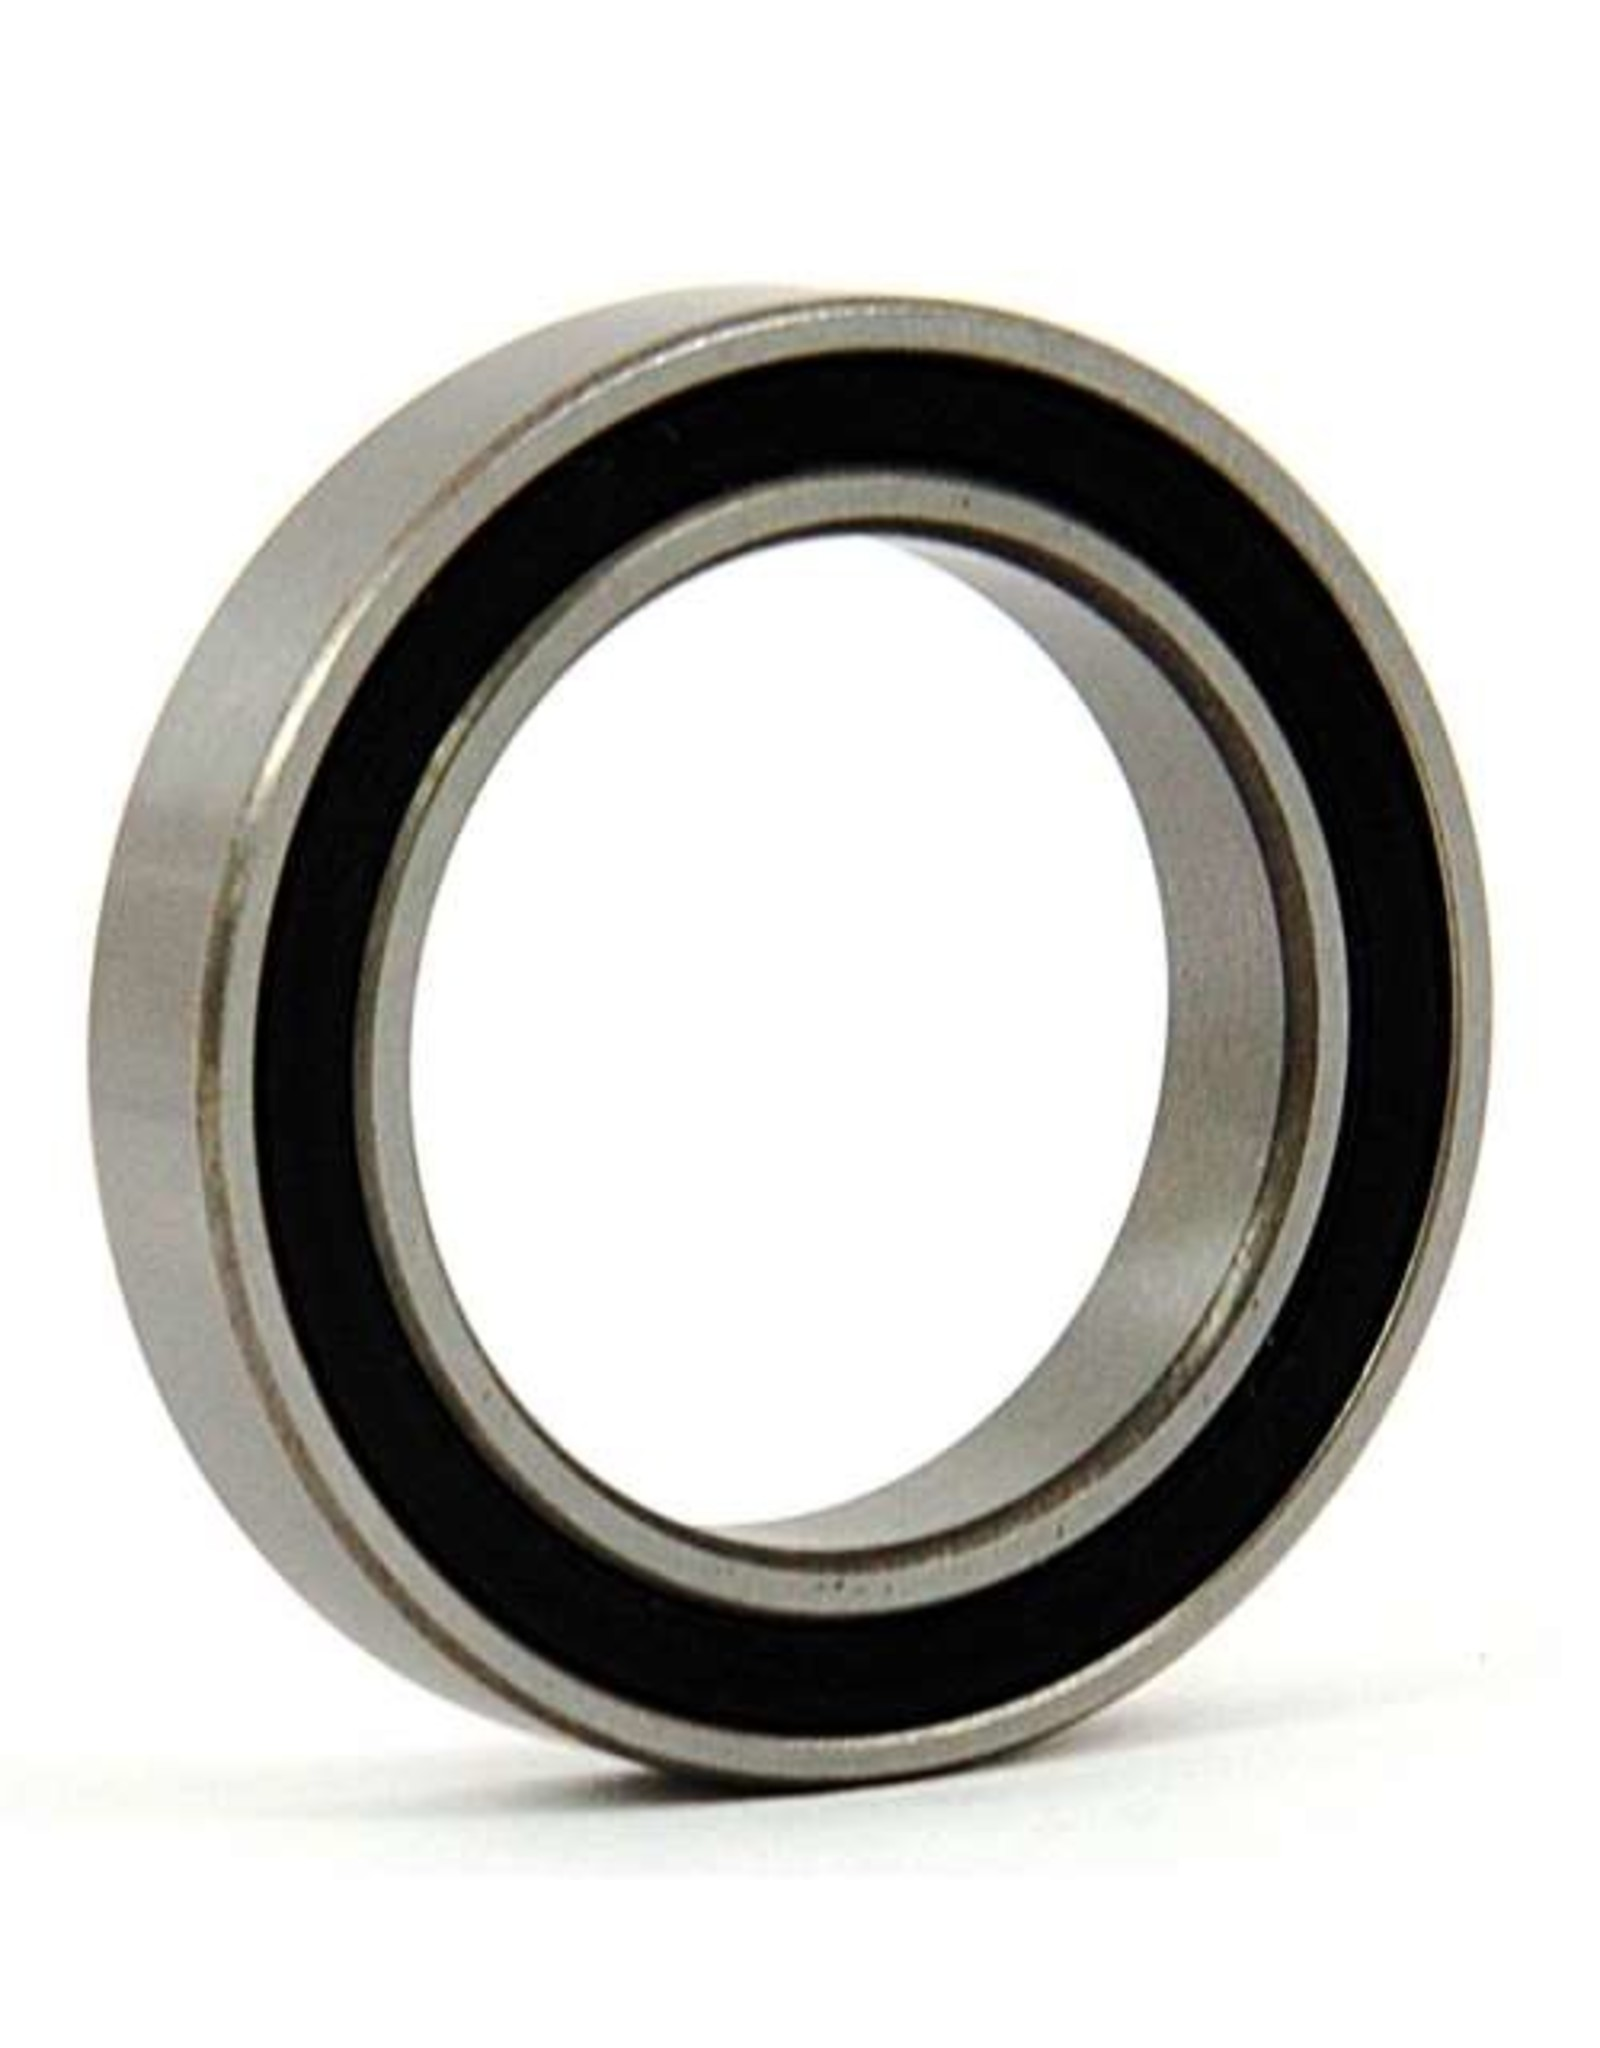 ABEC-3 Cartridge Bearing, 6902 15x28x7